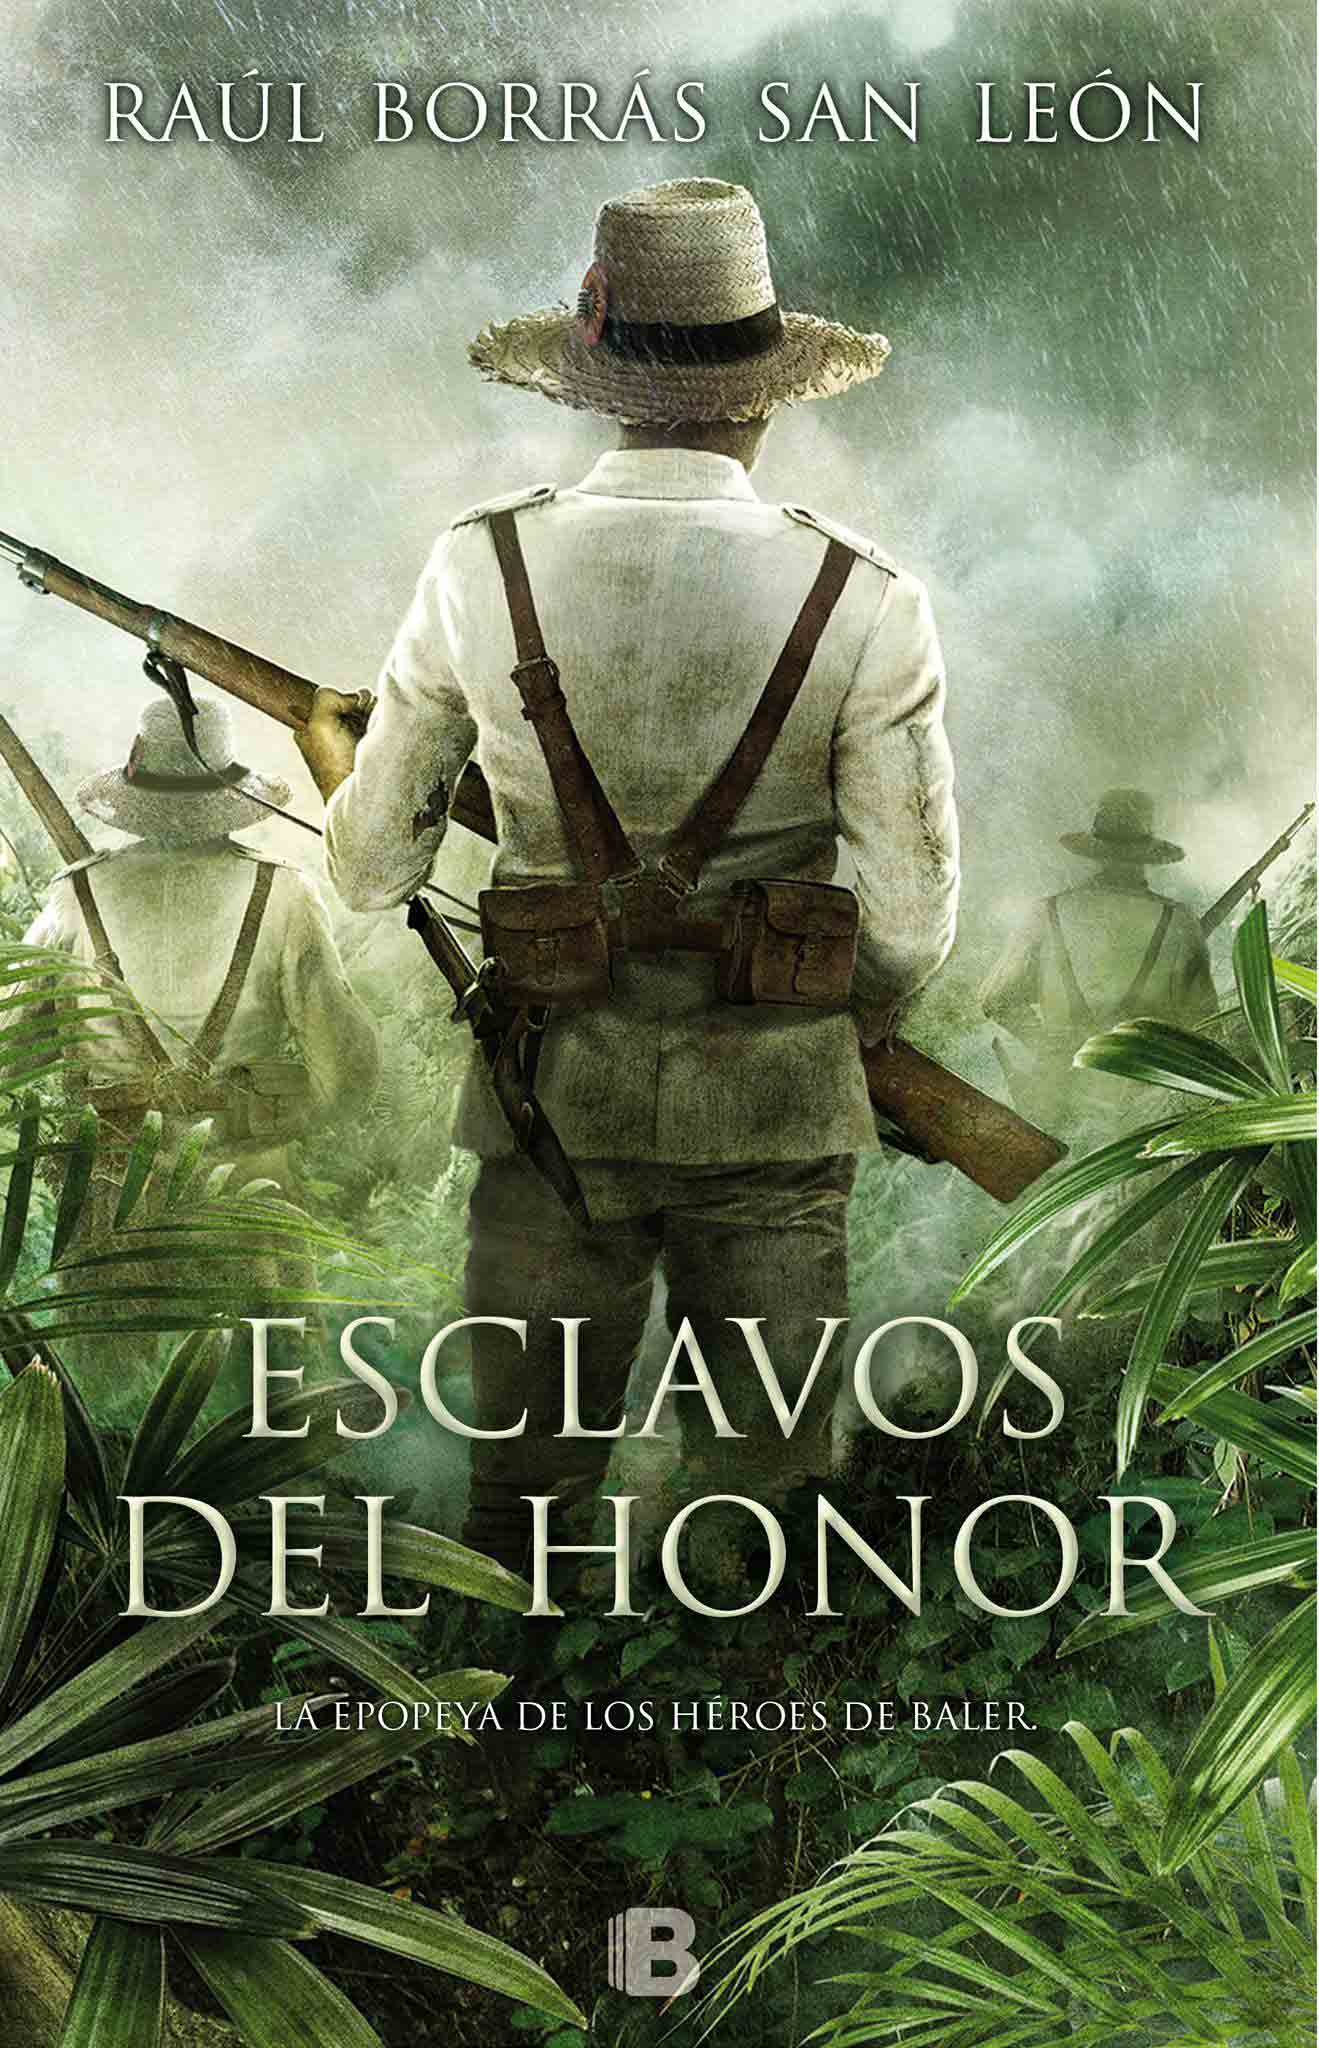 Esclavos del honor Raúl Borras Museo L'Iber